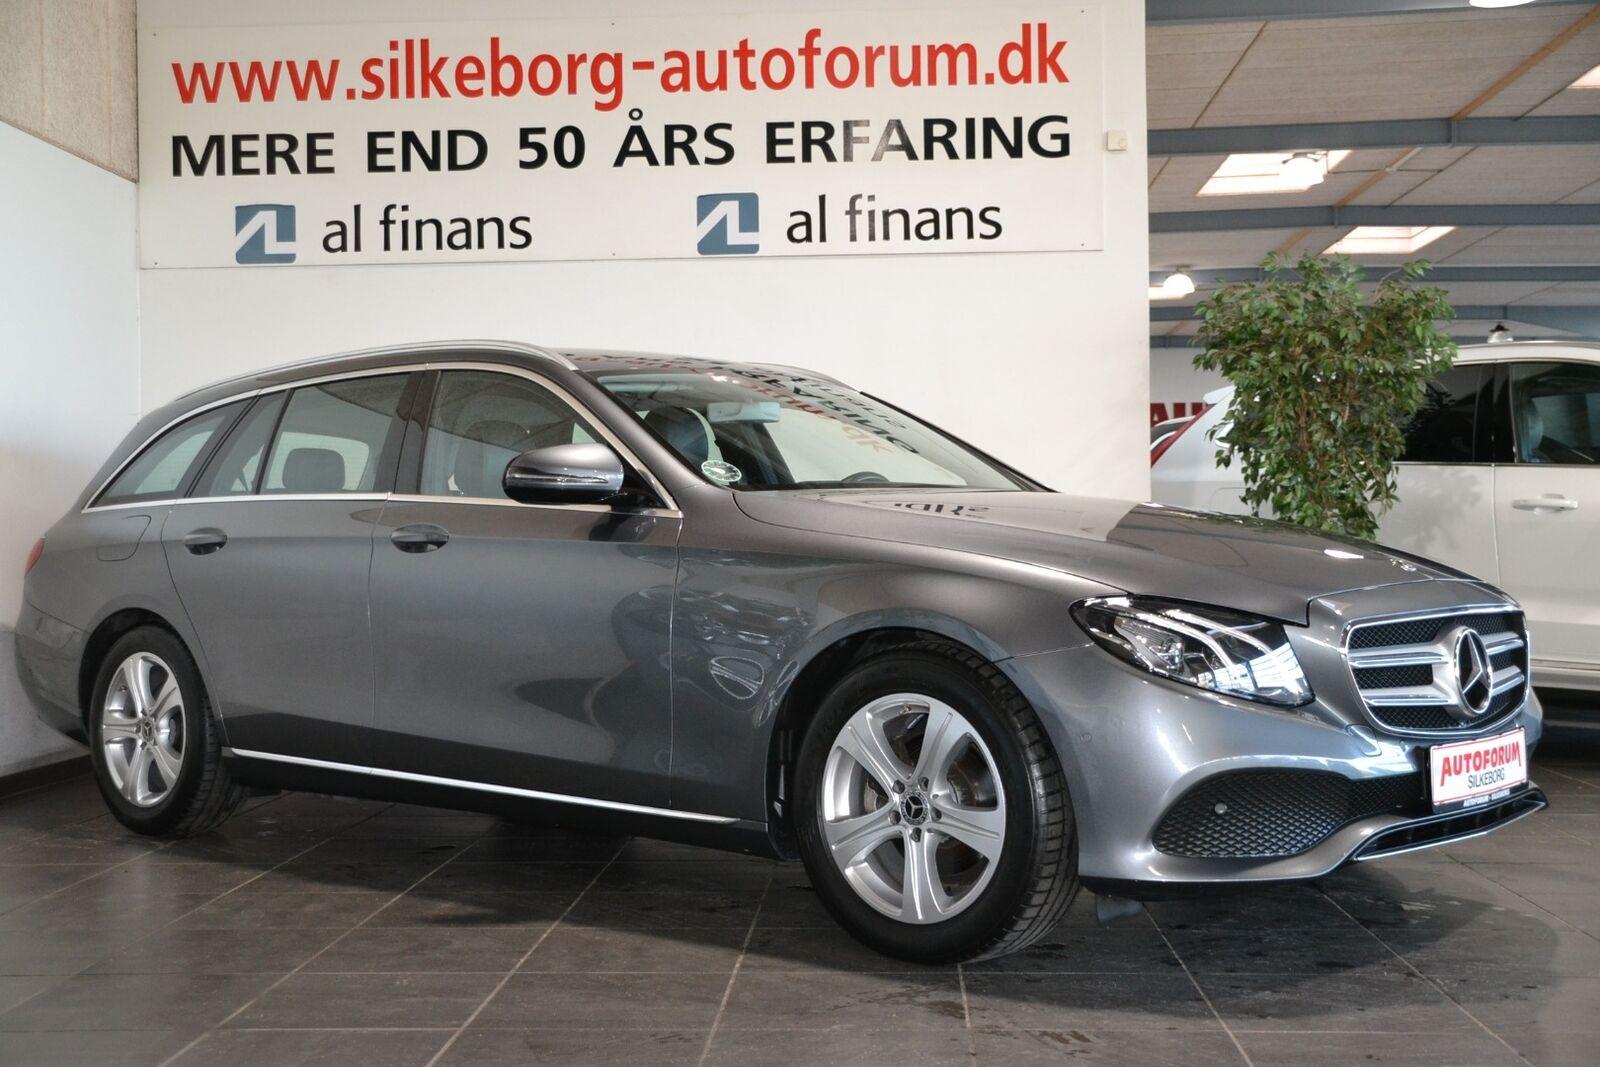 Mercedes E220 d 2,0 Avantgarde stc. aut. 5d - 419.900 kr.